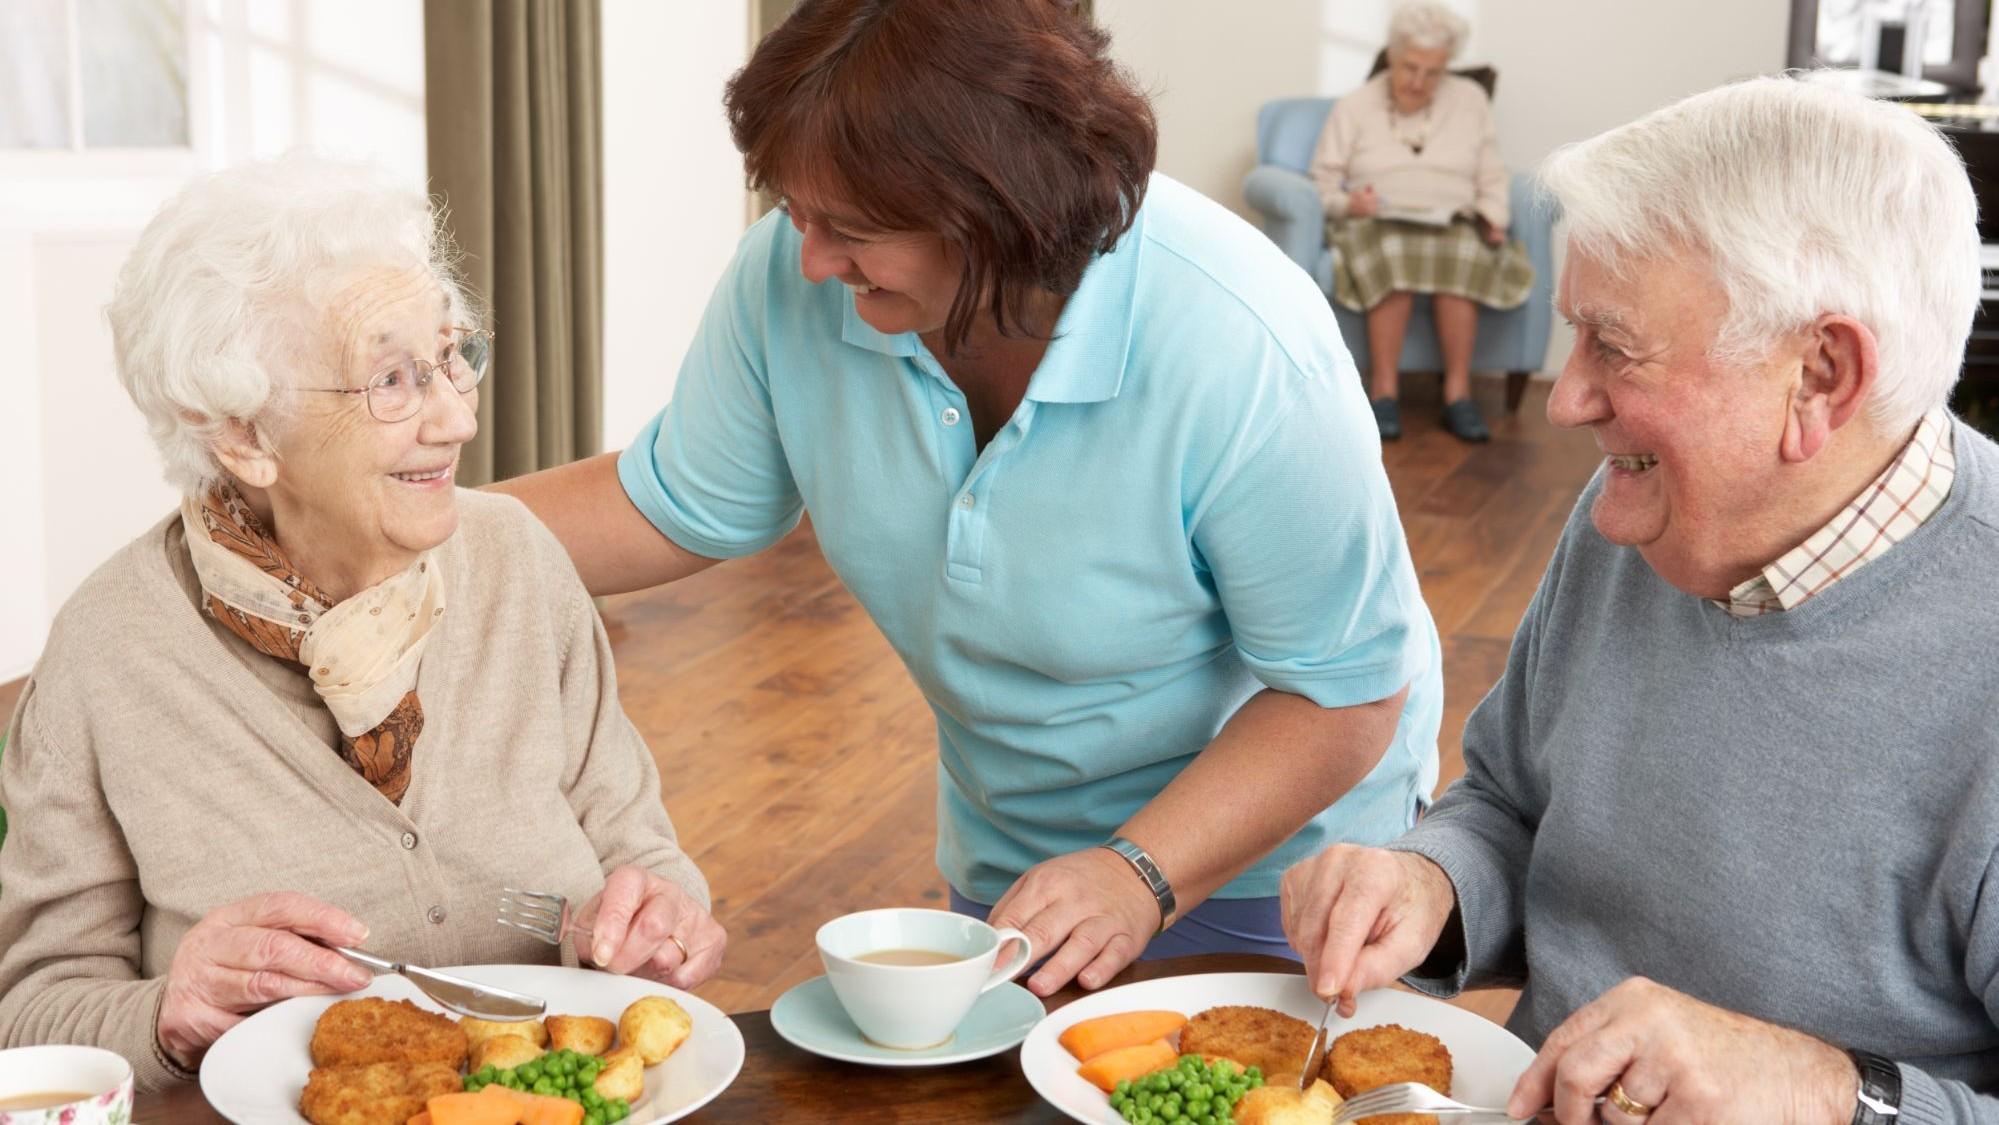 Représentation de la formation : COL03 - Le moment du repas pour les personnes âgées